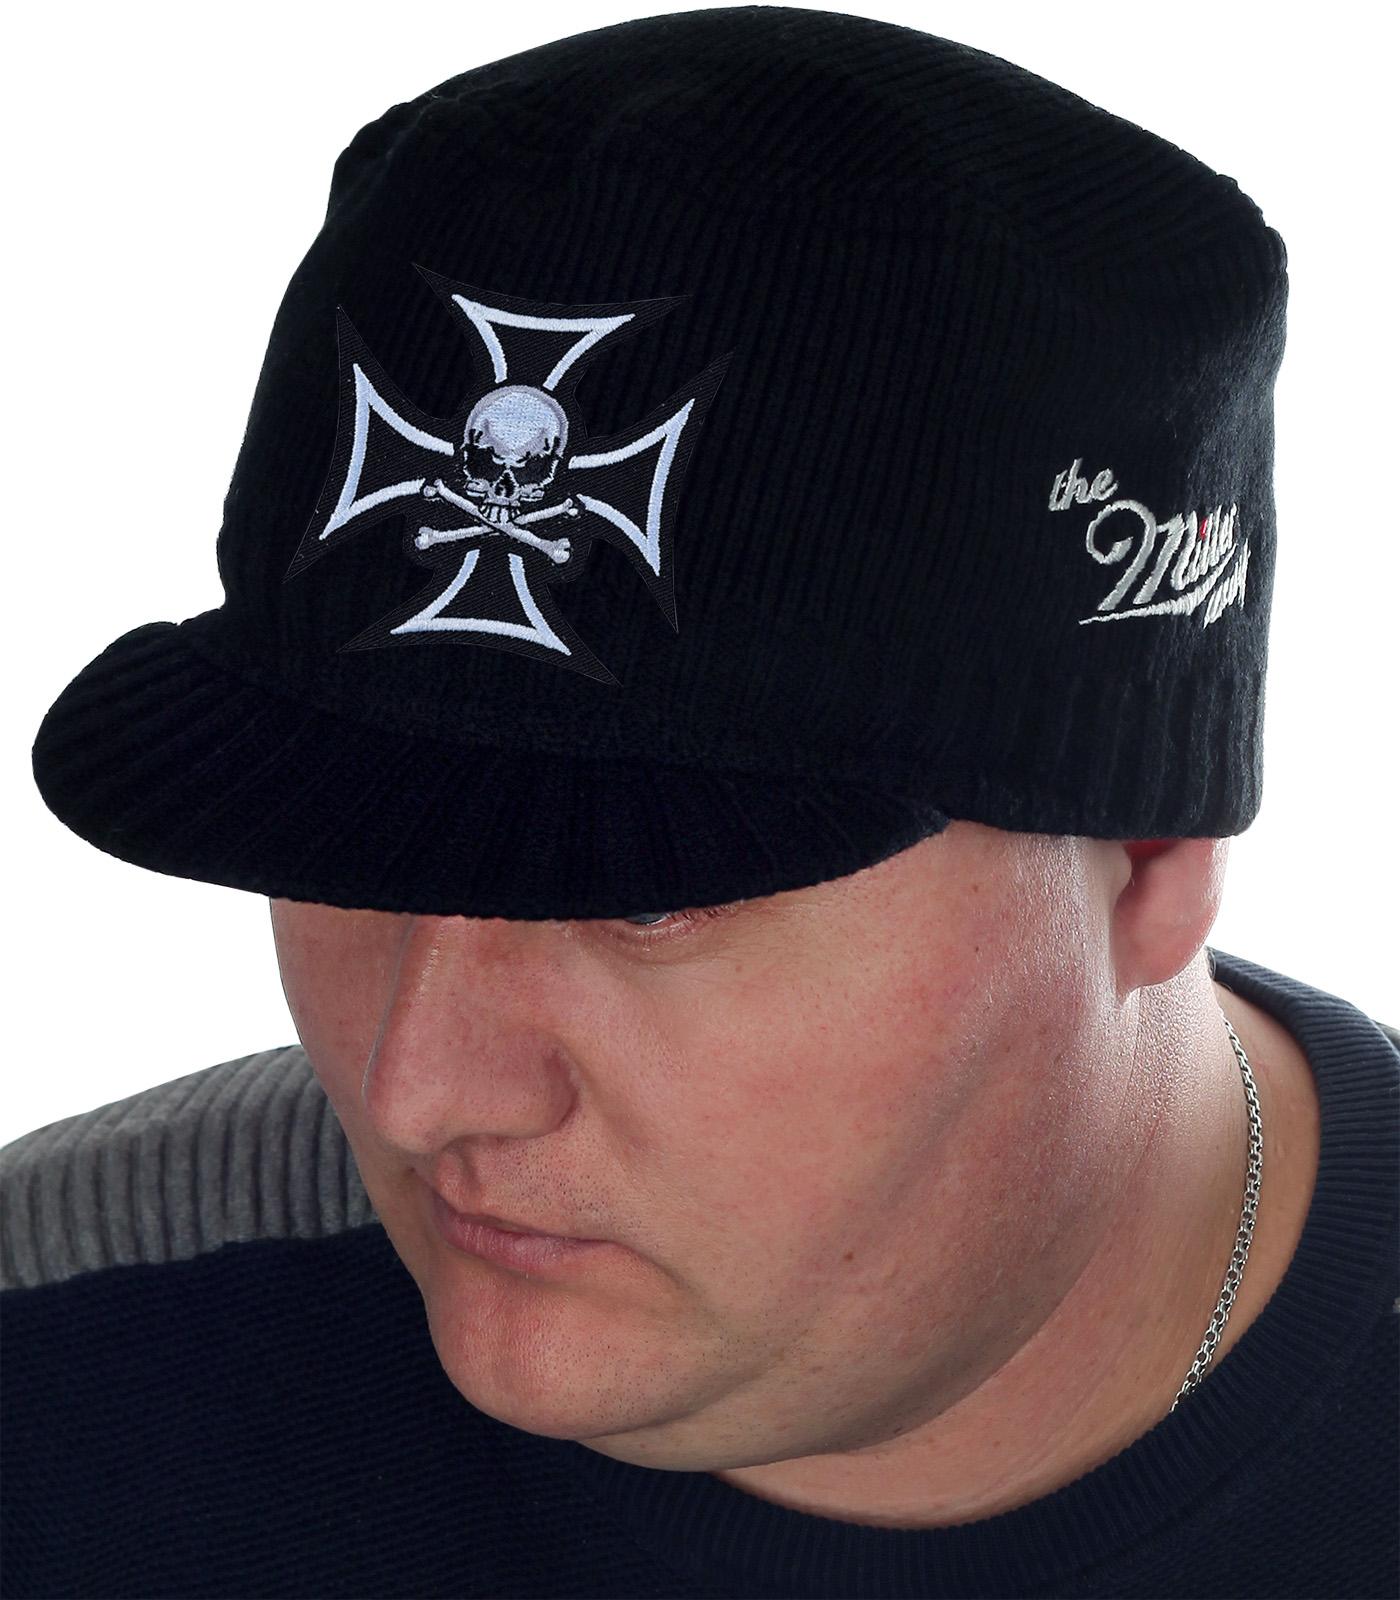 Удобная шапка-кепка с оригинальной нашивкой – череп с костями на фоне тамплиерского креста. Парни, для вас – мужской дизайн, фирменное качество Miller Way и низкая цена